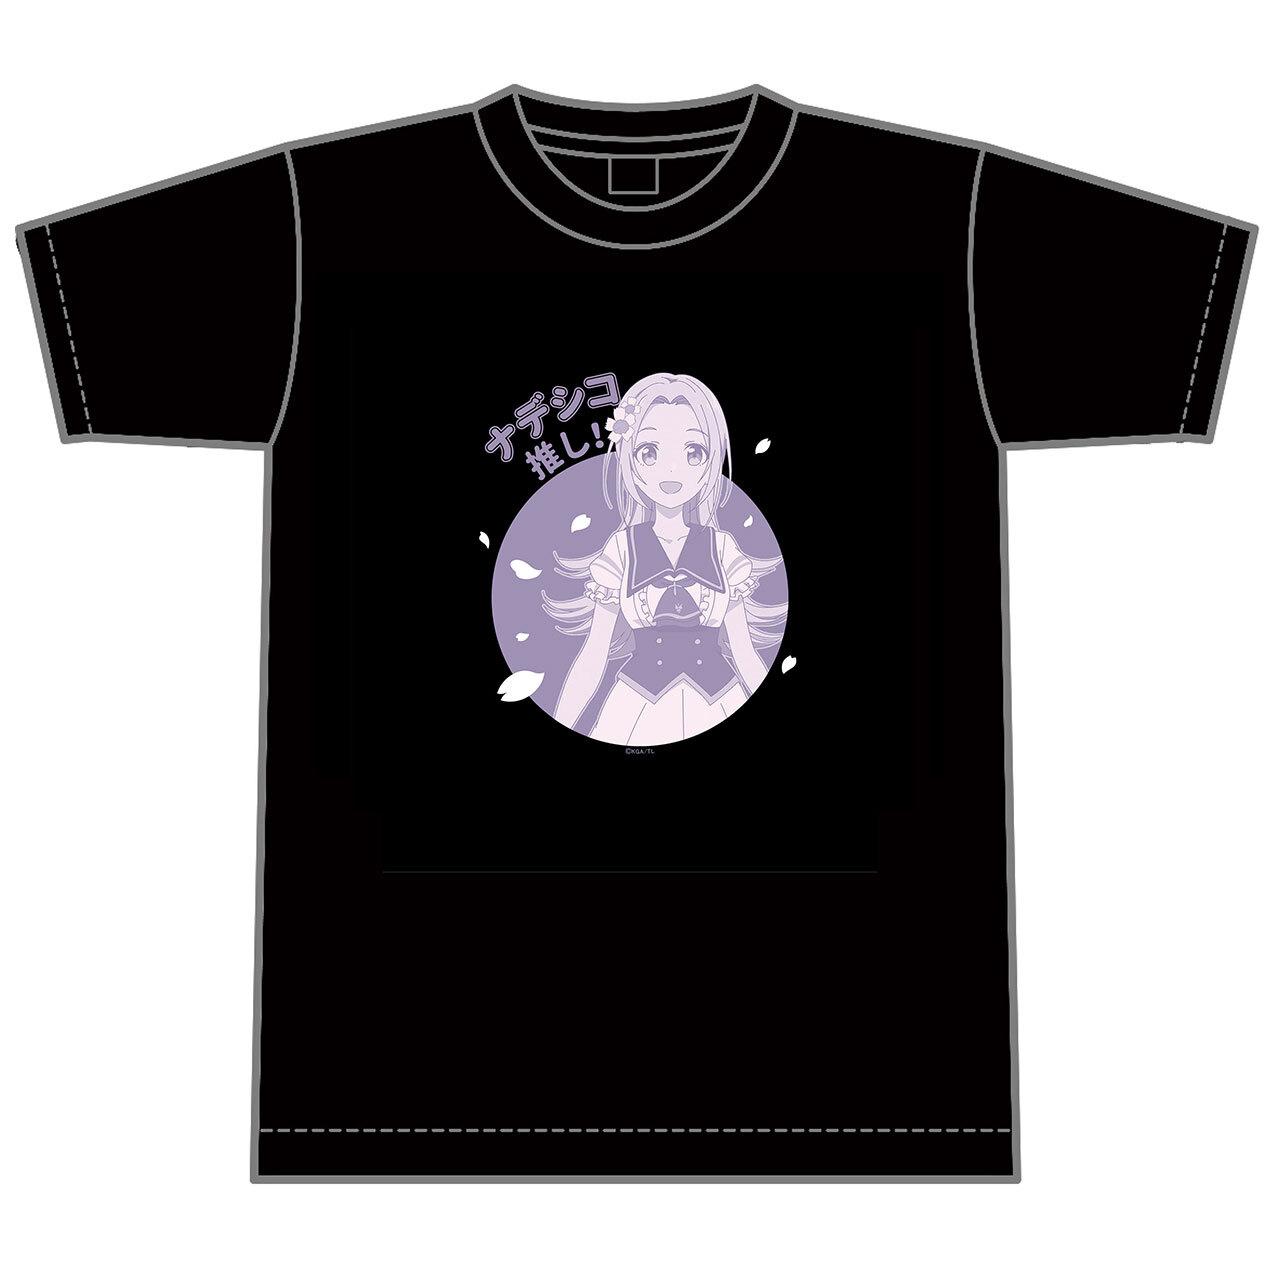 【4589839354998予】ラピスリライツ ナデシコ 推しTシャツ/XLサイズ